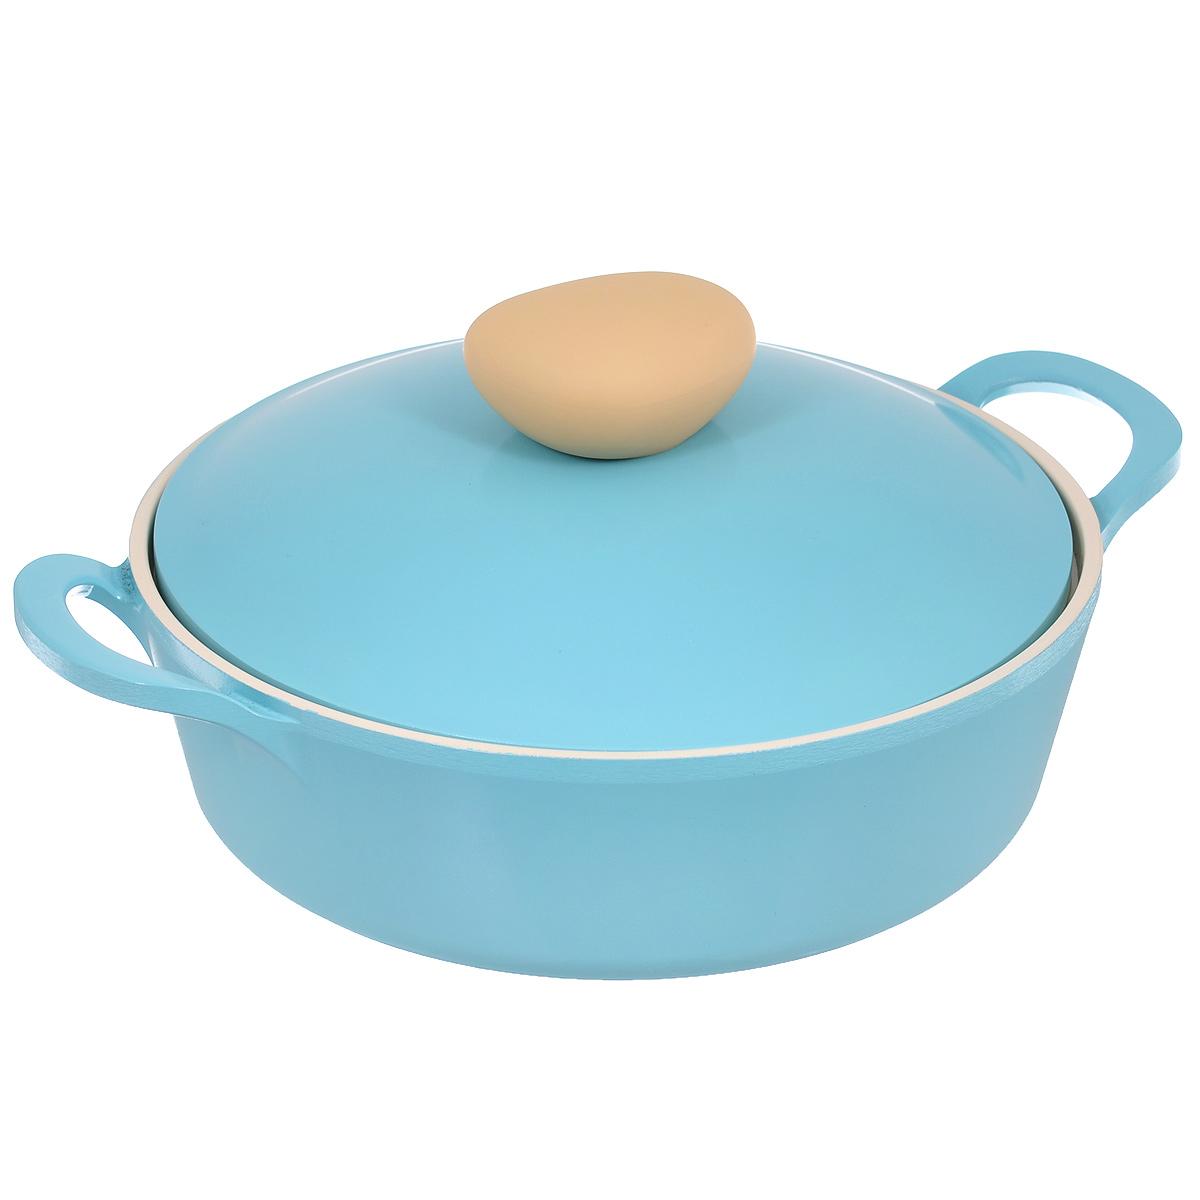 Жаровня Frybest Round с крышкой, с керамическим покрытием, цвет: голубой, 2 лROUND L22-BЖаровня Frybest Round выполнена из алюминия с внутренним и внешним керамическим покрытием Ecolon Superior. Такое покрытие устойчиво к повреждениям и не содержит вредных компонентов, так как изготовлено из натуральных материалов. Жаровня оснащена удобными литыми алюминиевыми ручками и крышкой с пароотводом и прорезиненной ручкой из высококачественного пластика. Коллекция Round - это сочетание непревзойденного качества и элегантности.Ключевые преимущества:- Литой алюминиевый корпус хорошо проводит тепло и равномерно нагревается, обеспечивая наиболее эффективное приготовление пищи,- Крепления ручек не имеют заклепок на внутренней стороне посуды,- Внешнее и внутреннее покрытие устойчиво к царапинам и повреждениям,- Покрытие абсолютно нейтрально и не вступает в реакцию с пищей,- Легко моется,- Утолщенное дно для лучшего распространения тепла и экономии энергии,- Благодаря равномерно прогревающейся алюминиевой крышке в процессе приготовления блюд создается эффект томления, еда готовится быстрее и приобретает более насыщенный вкус и аромат,- Встроенный в крышку пароотвод предотвращает выкипание,- Уникальная технология напыления стальных частиц на дно изделия,- Не содержит PFOA. Можно мыть в посудомоечной машине. Подходит для электрических, газовых, стеклокерамических, индукционных плит.